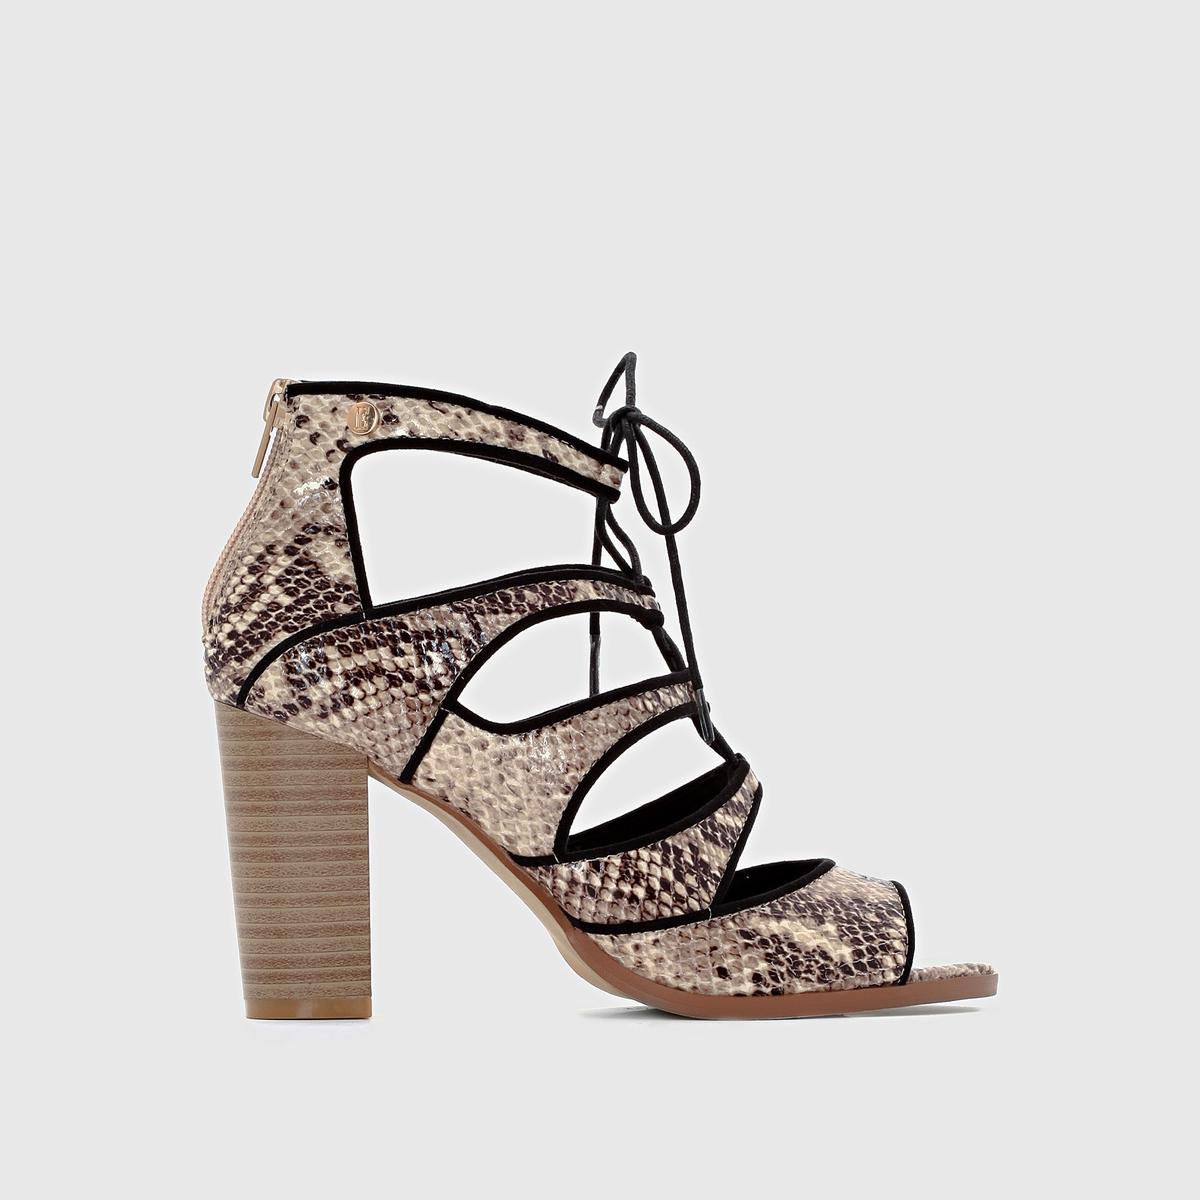 Босоножки на высоком каблуке ELLEЗастежка: молния сзади.<br><br>Цвет: черный/змеиный рисунок<br>Размер: 37